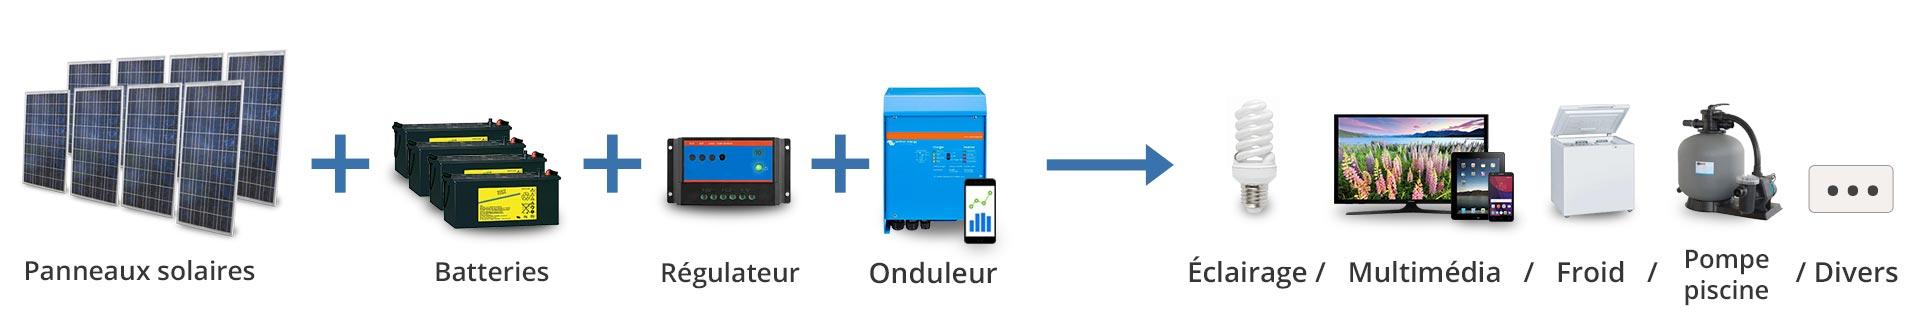 Principe de fonctionnement Kit autonome pour filtration de piscine solaire au Maroc